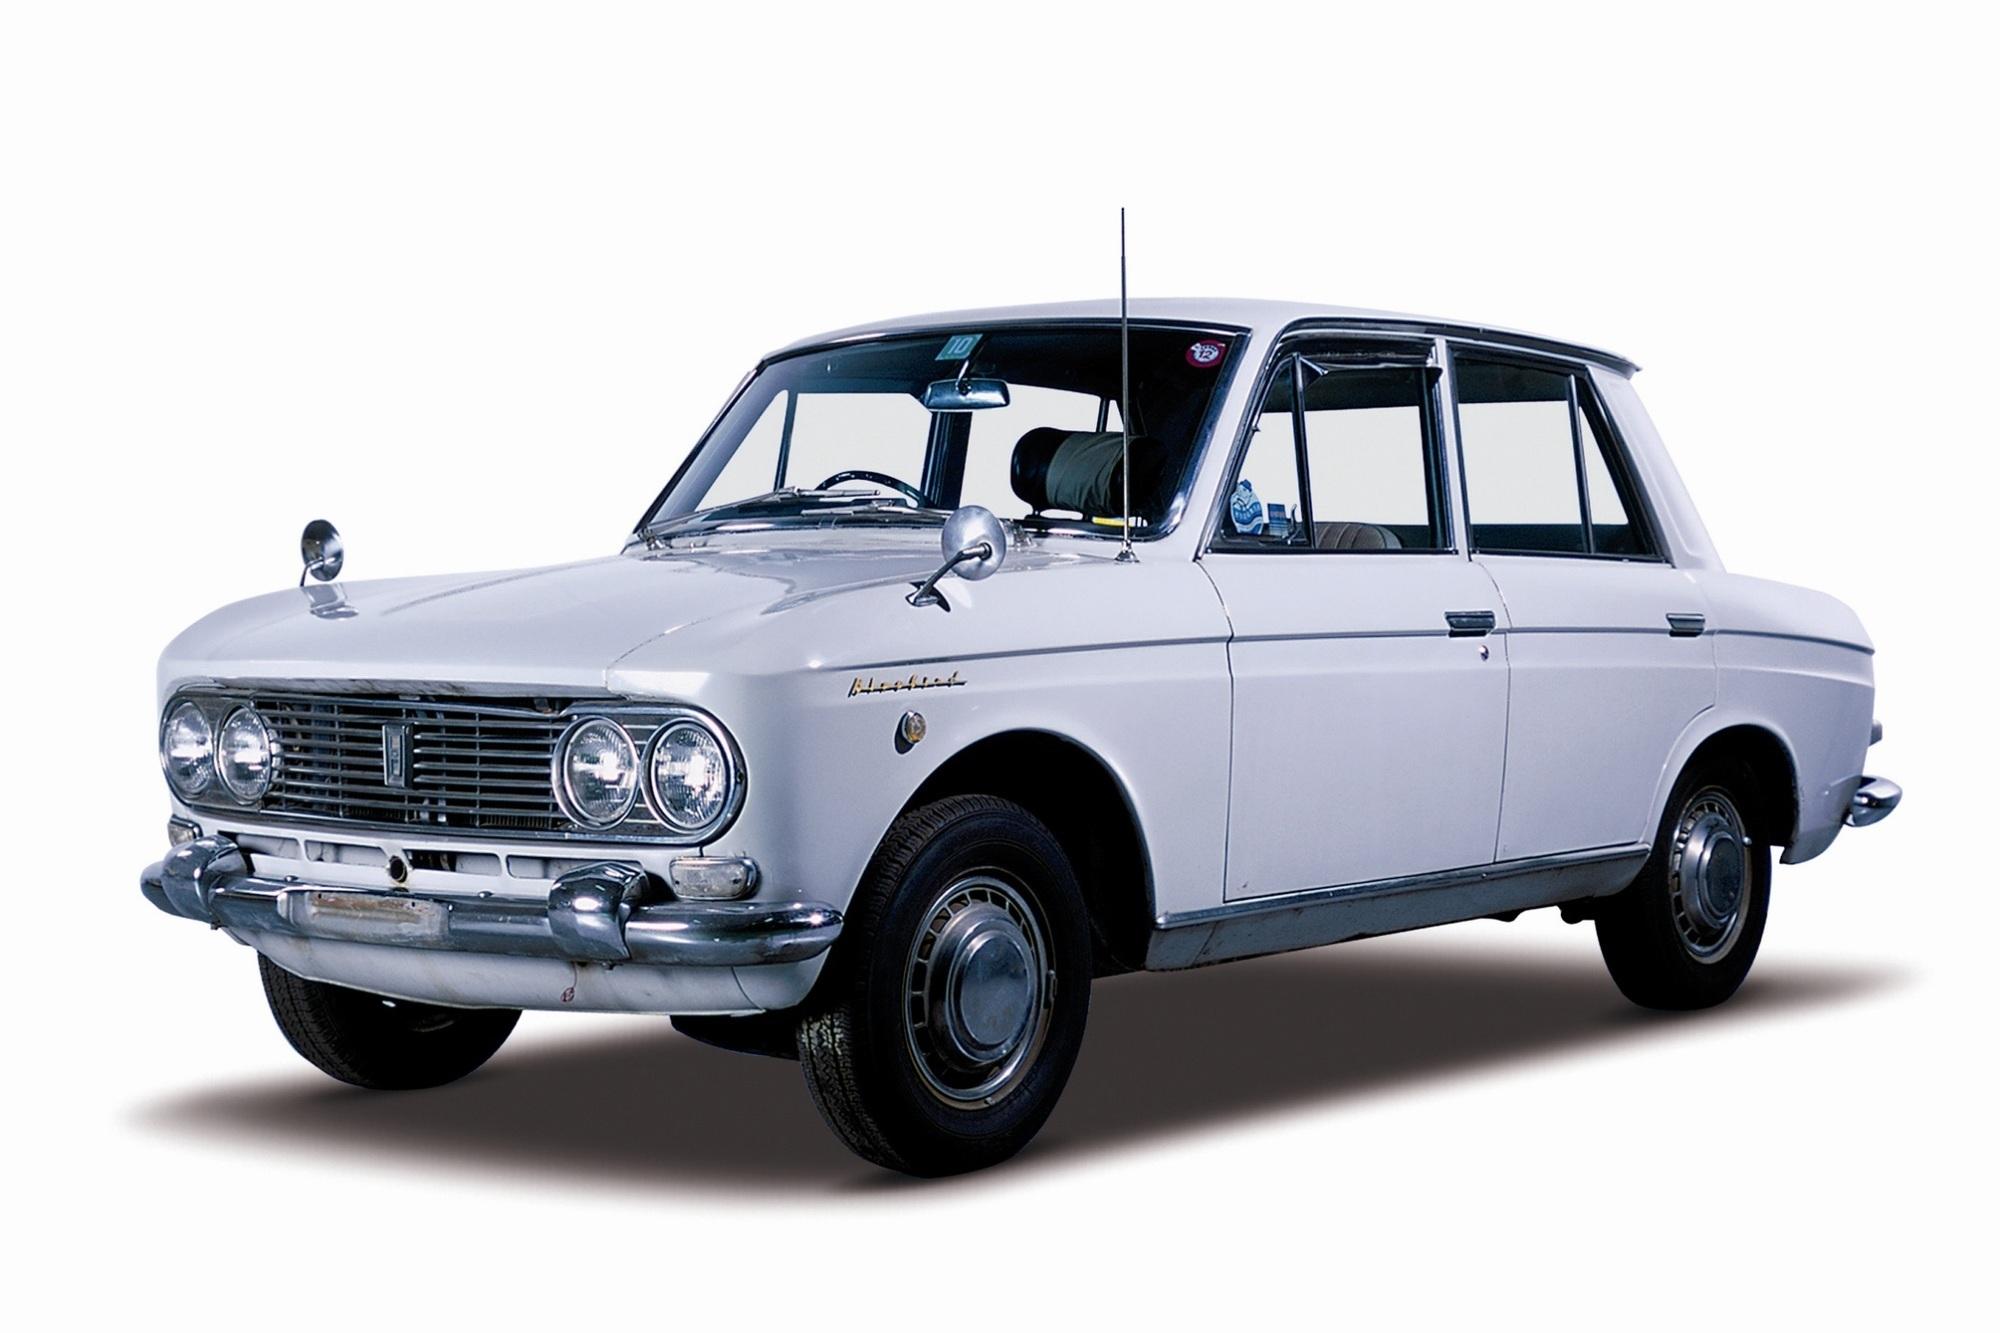 Tradition: Vor 50 Jahren - Deutschland wird internationalster Automarkt   - Der ganze Globus zu Gast